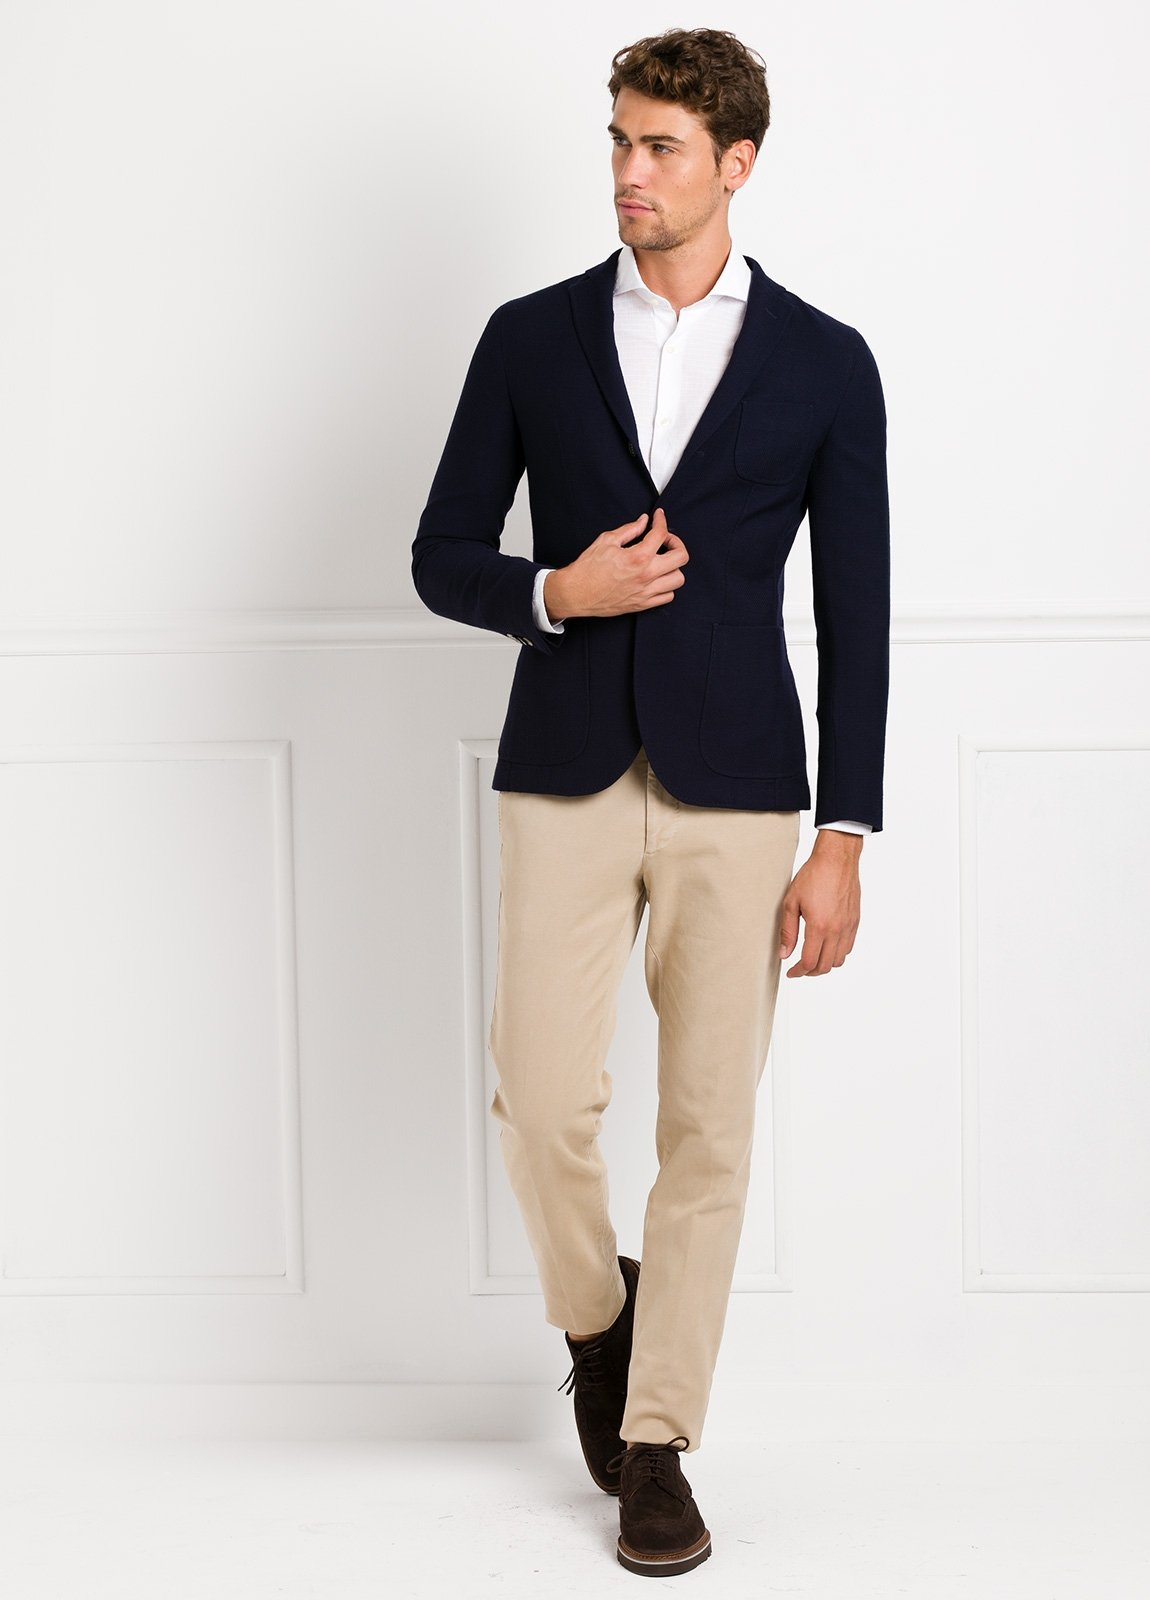 Americana SOFT JACKET Slim Fit textura color azul marino, 100% Lana fria.